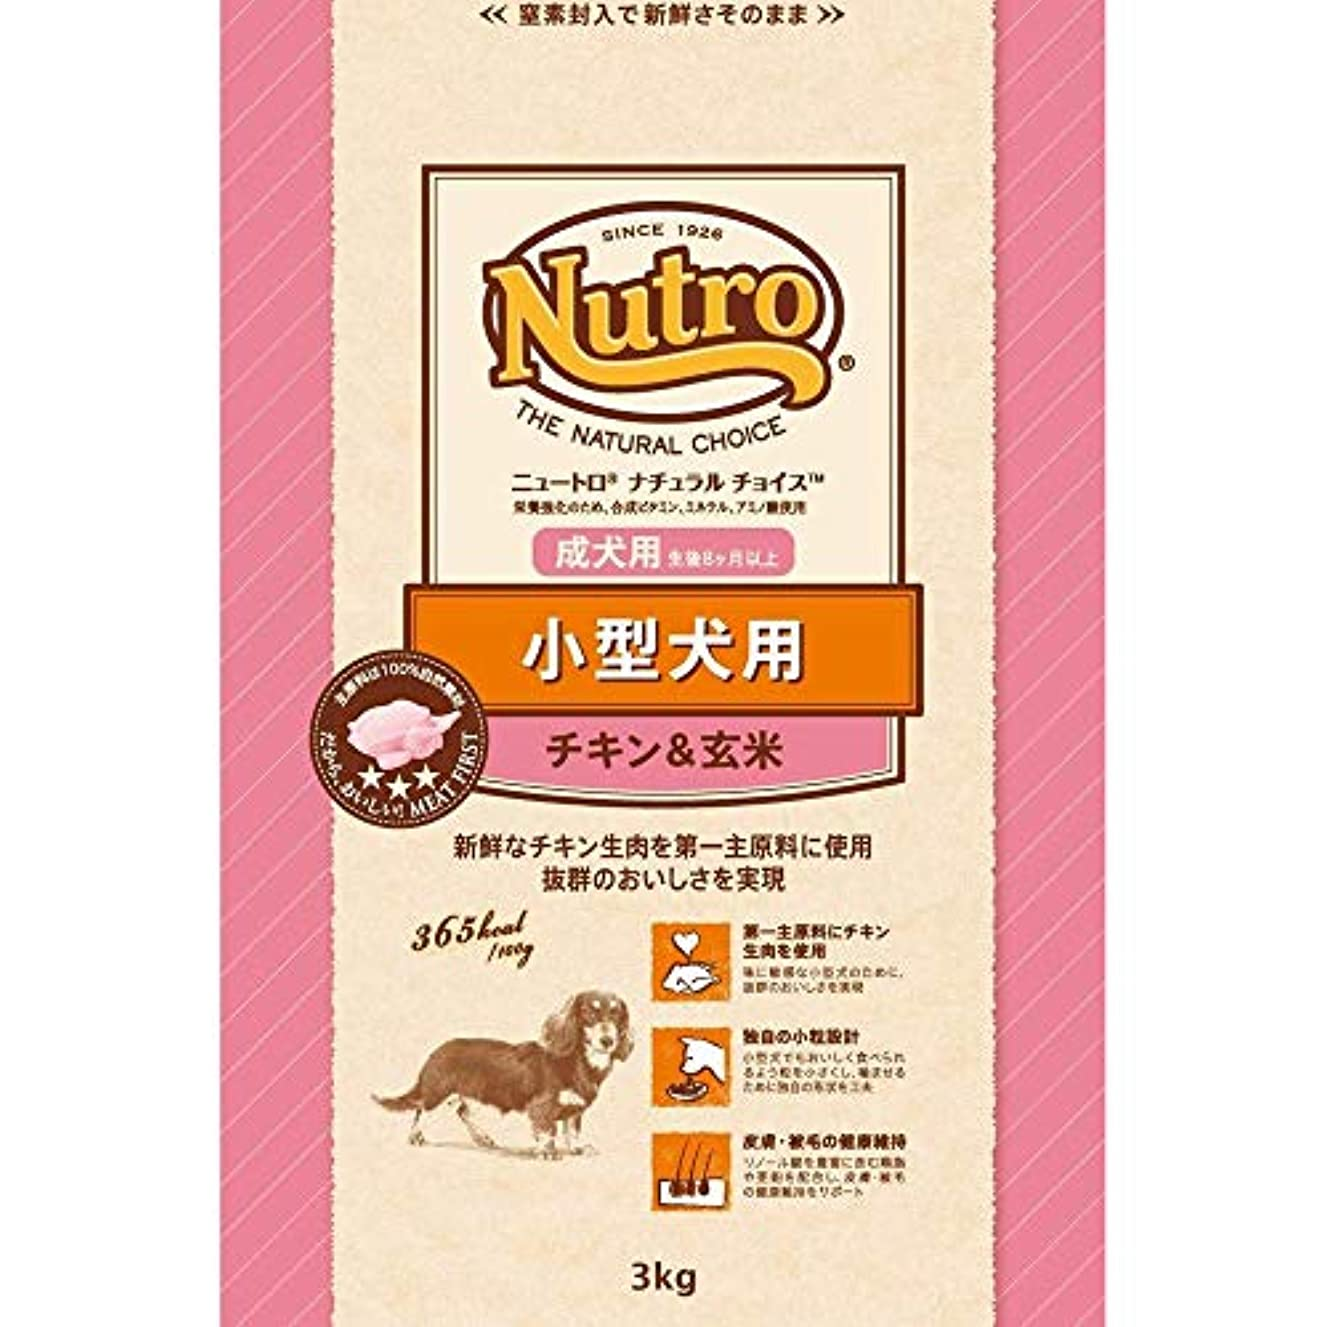 イースターむさぼり食う揮発性ニュートロジャパン ナチュラルチョイス [小型犬用] 成犬用(生後8ヶ月以上) チキン&玄米 3kg